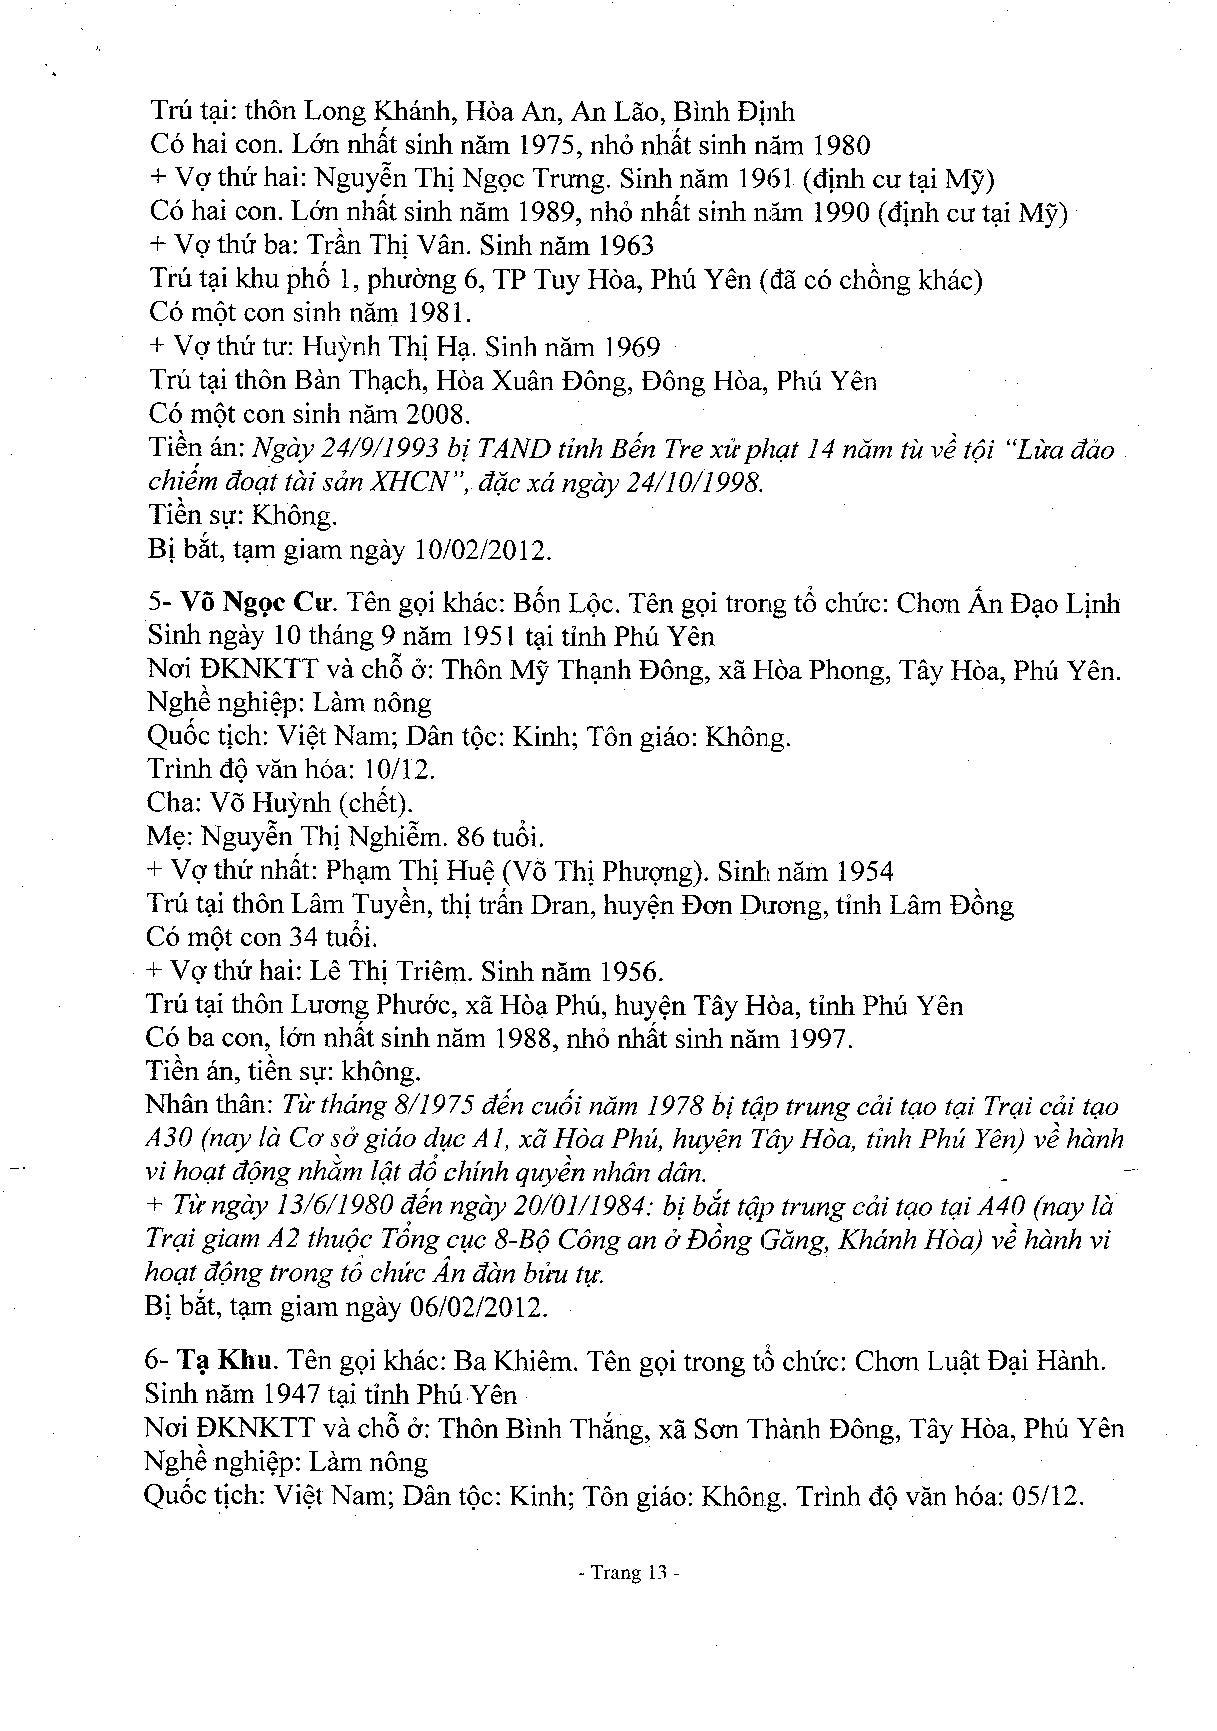 cao trang-page-013